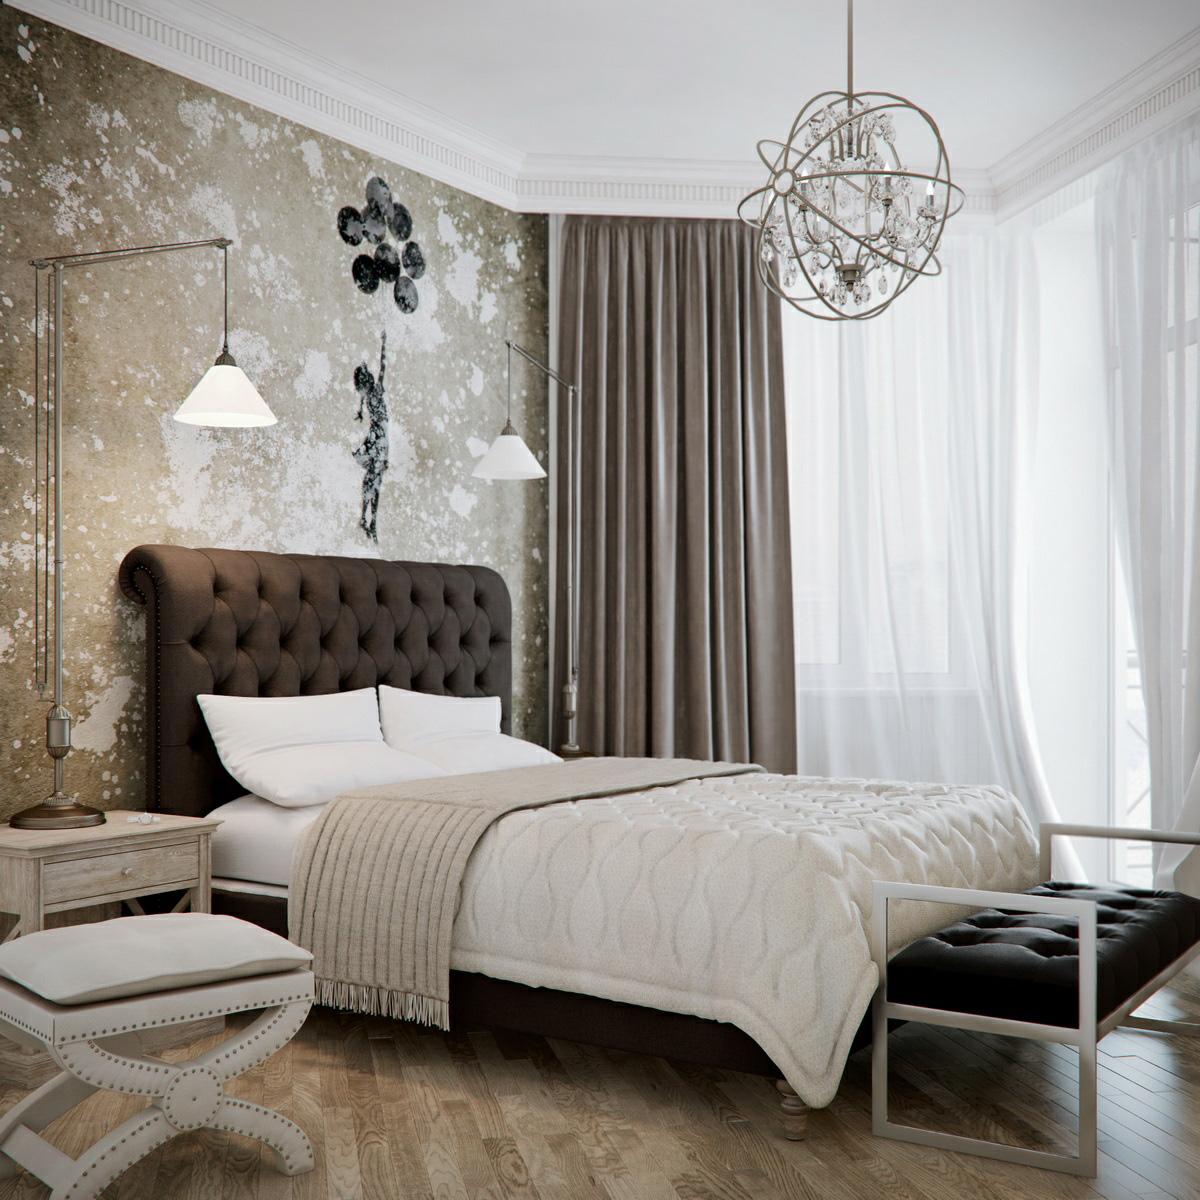 صورة اجمل غرف النوم , لمحبي التجديد اليك اجمل الاشكال العصريه لغرف النوم 6416 1